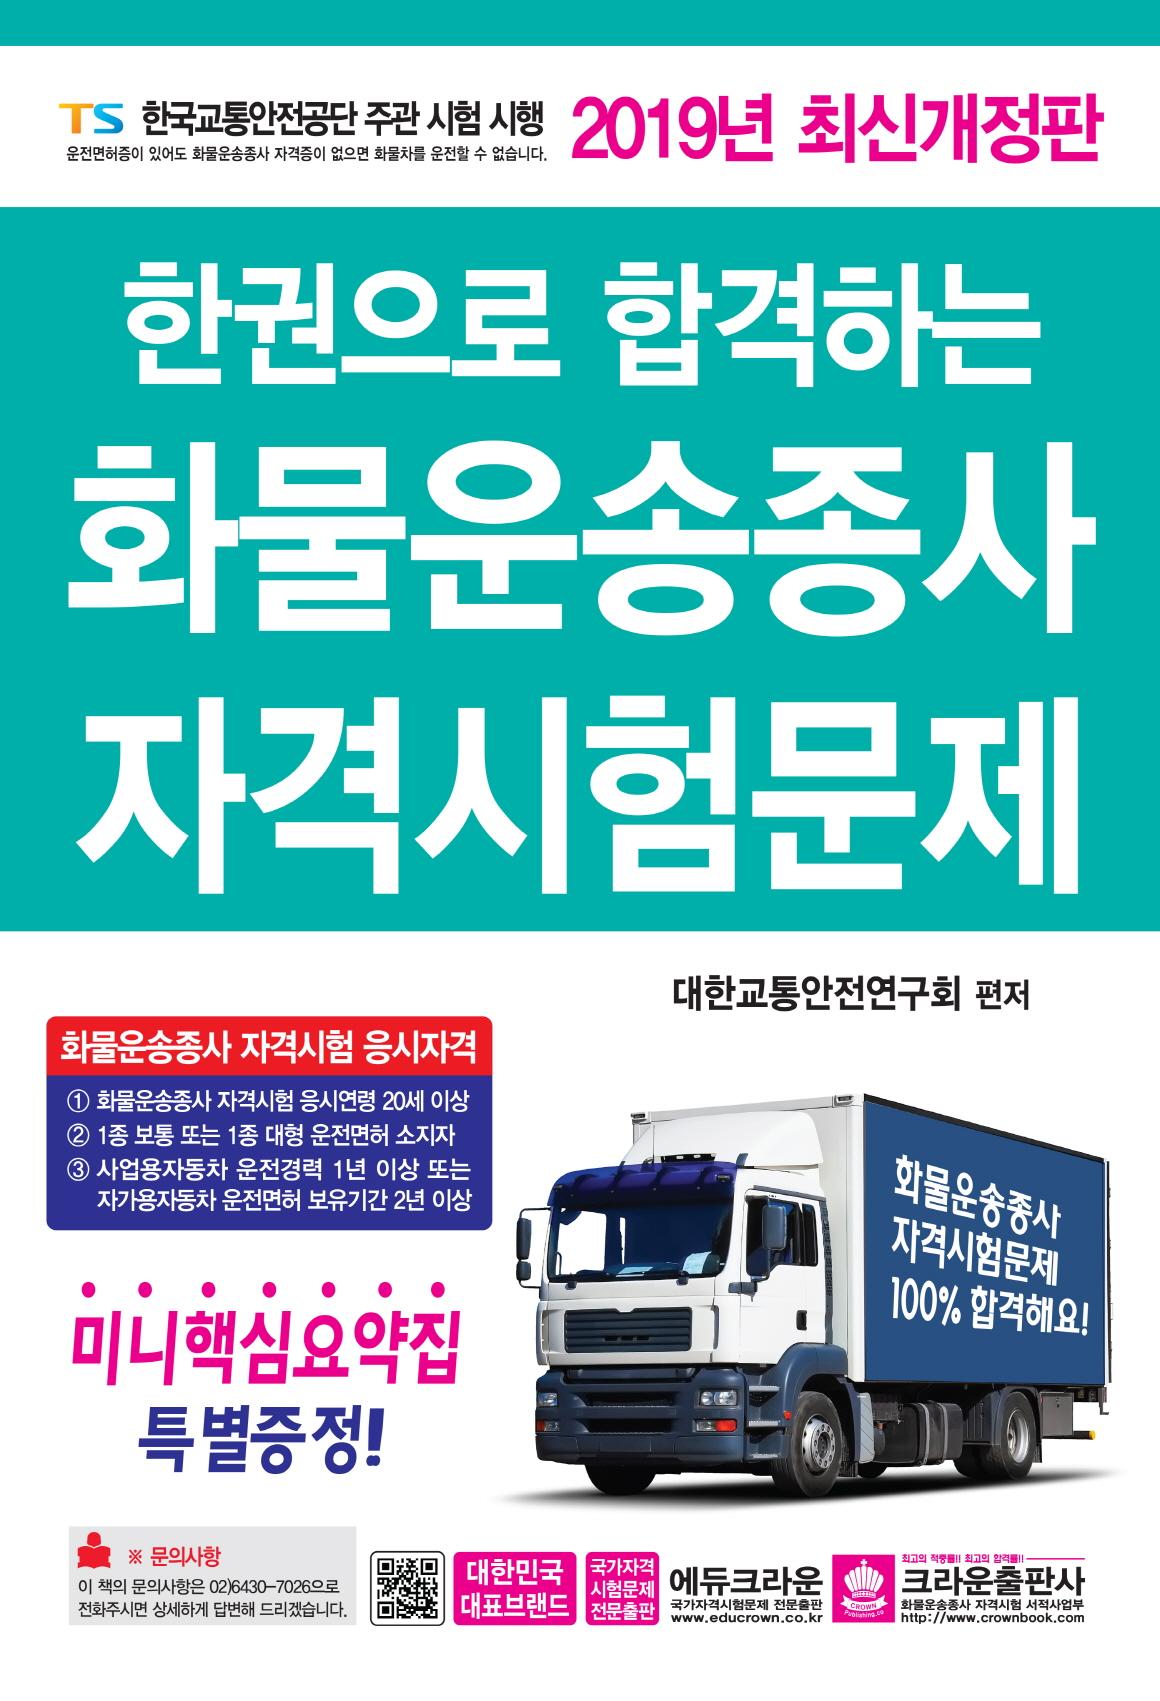 2019 한권으로 합격하는 화물운송종사 자격시험문제(구판)